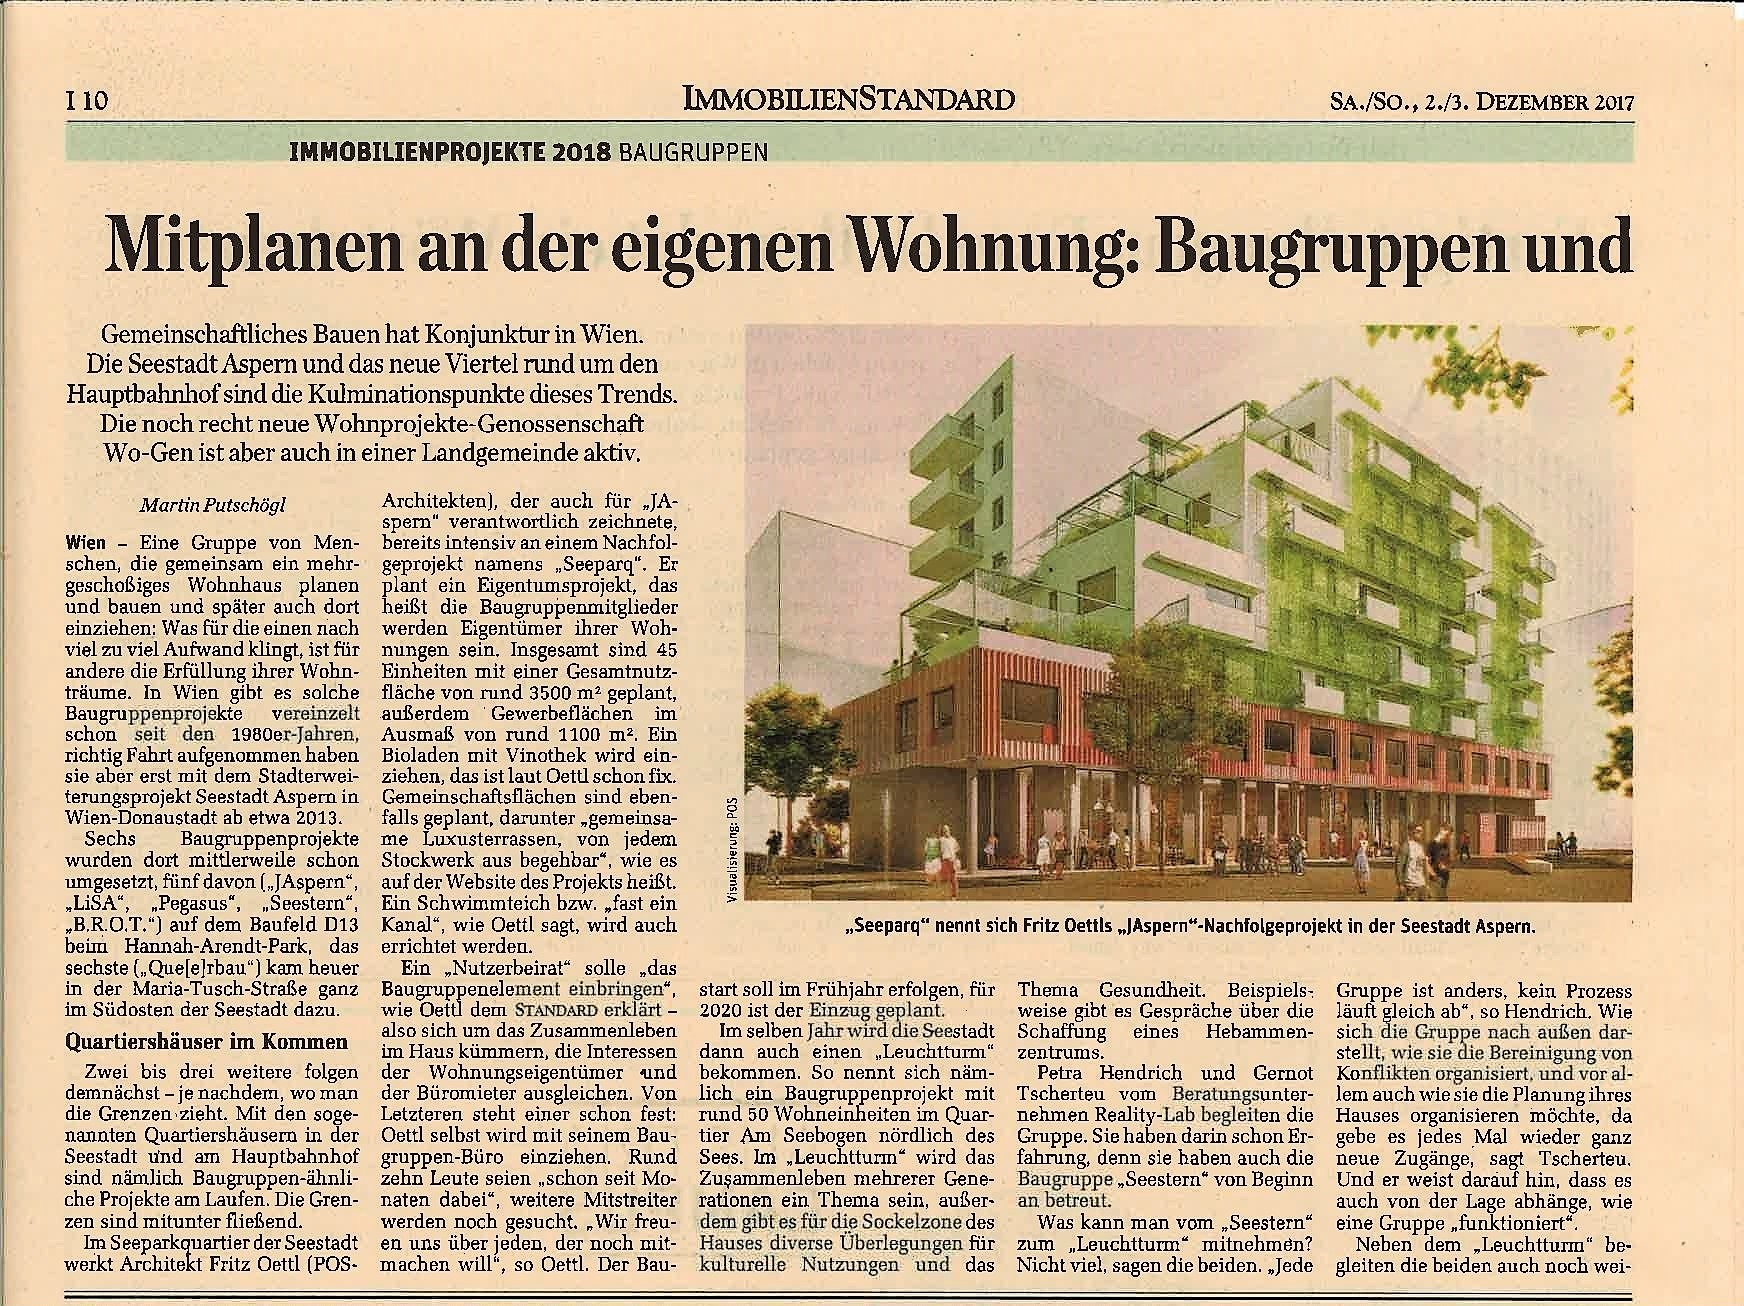 """""""Mitplanen an der eigenen Wohnung"""" – Standard Immobilien Printausgabe 2./3. Dez 17"""